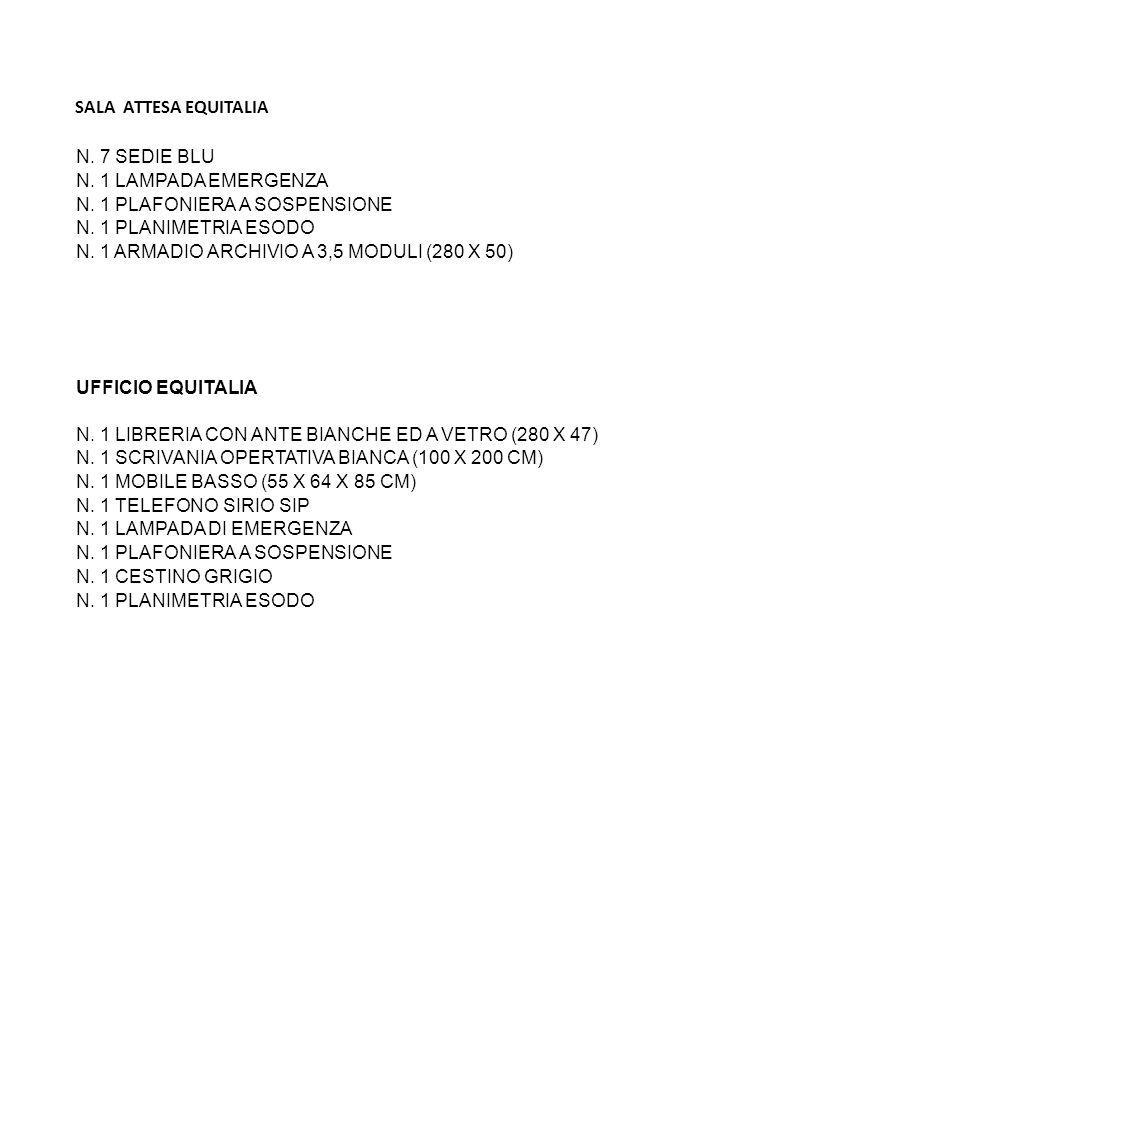 SALA ATTESA EQUITALIA N. 7 SEDIE BLU N. 1 LAMPADA EMERGENZA N. 1 PLAFONIERA A SOSPENSIONE N. 1 PLANIMETRIA ESODO N. 1 ARMADIO ARCHIVIO A 3,5 MODULI (2